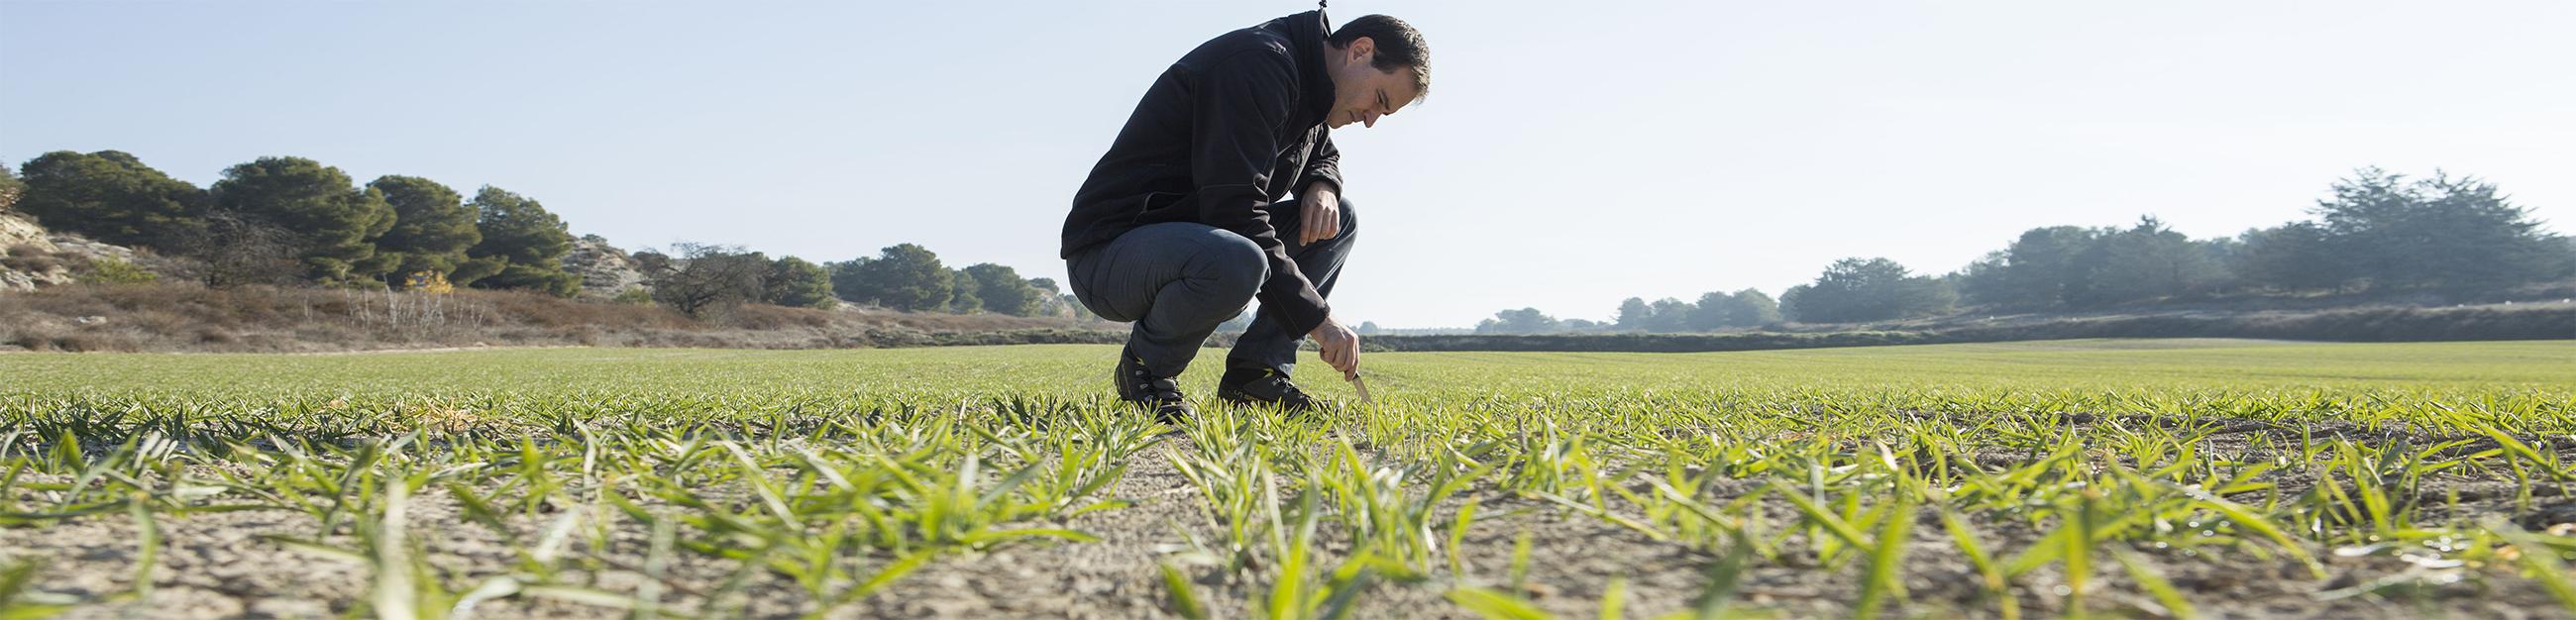 suagro servicios agricolas